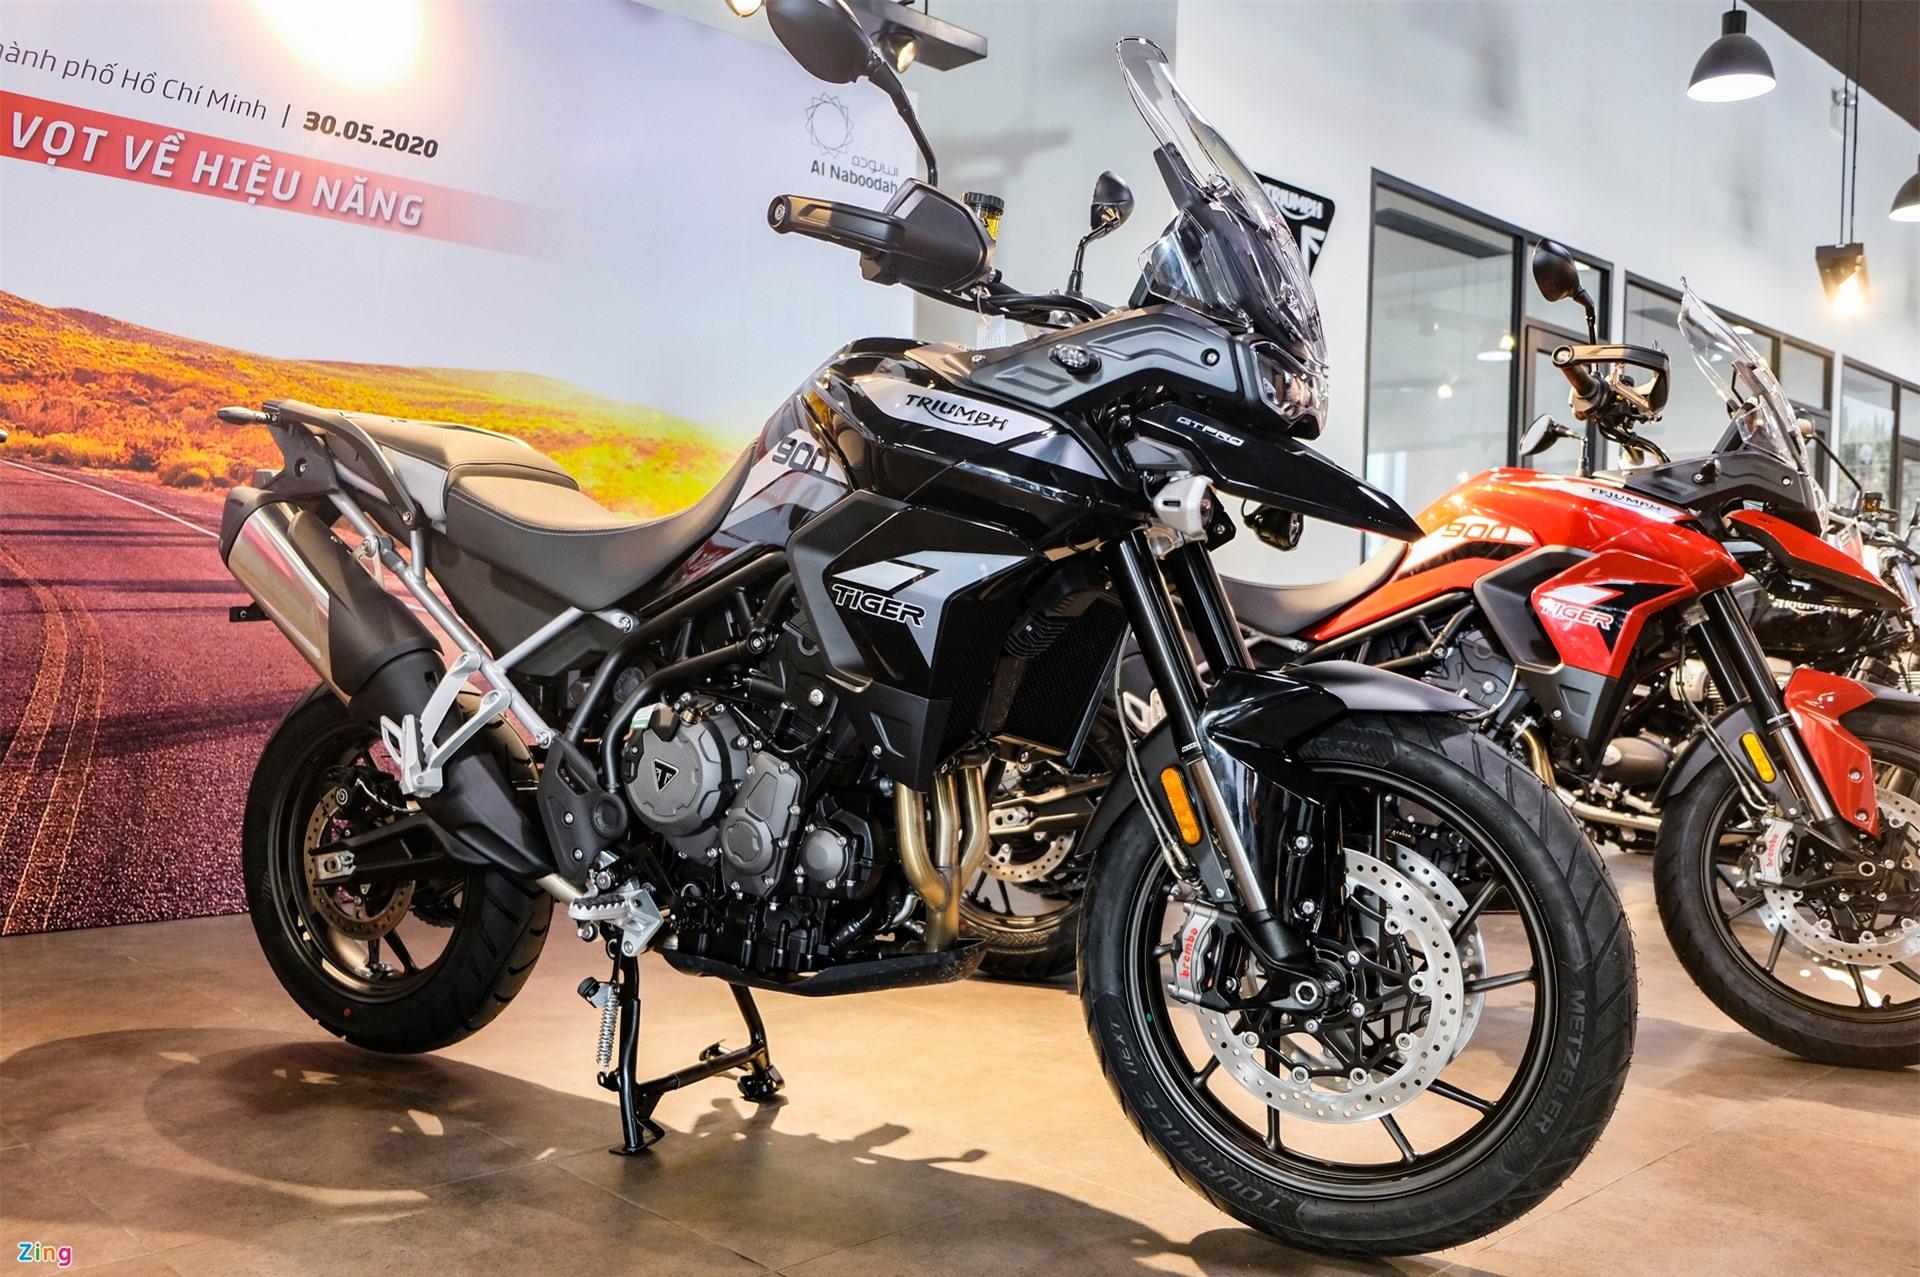 Các lựa chọn môtô địa hình đáng chú ý tại Việt Nam - Hình 23